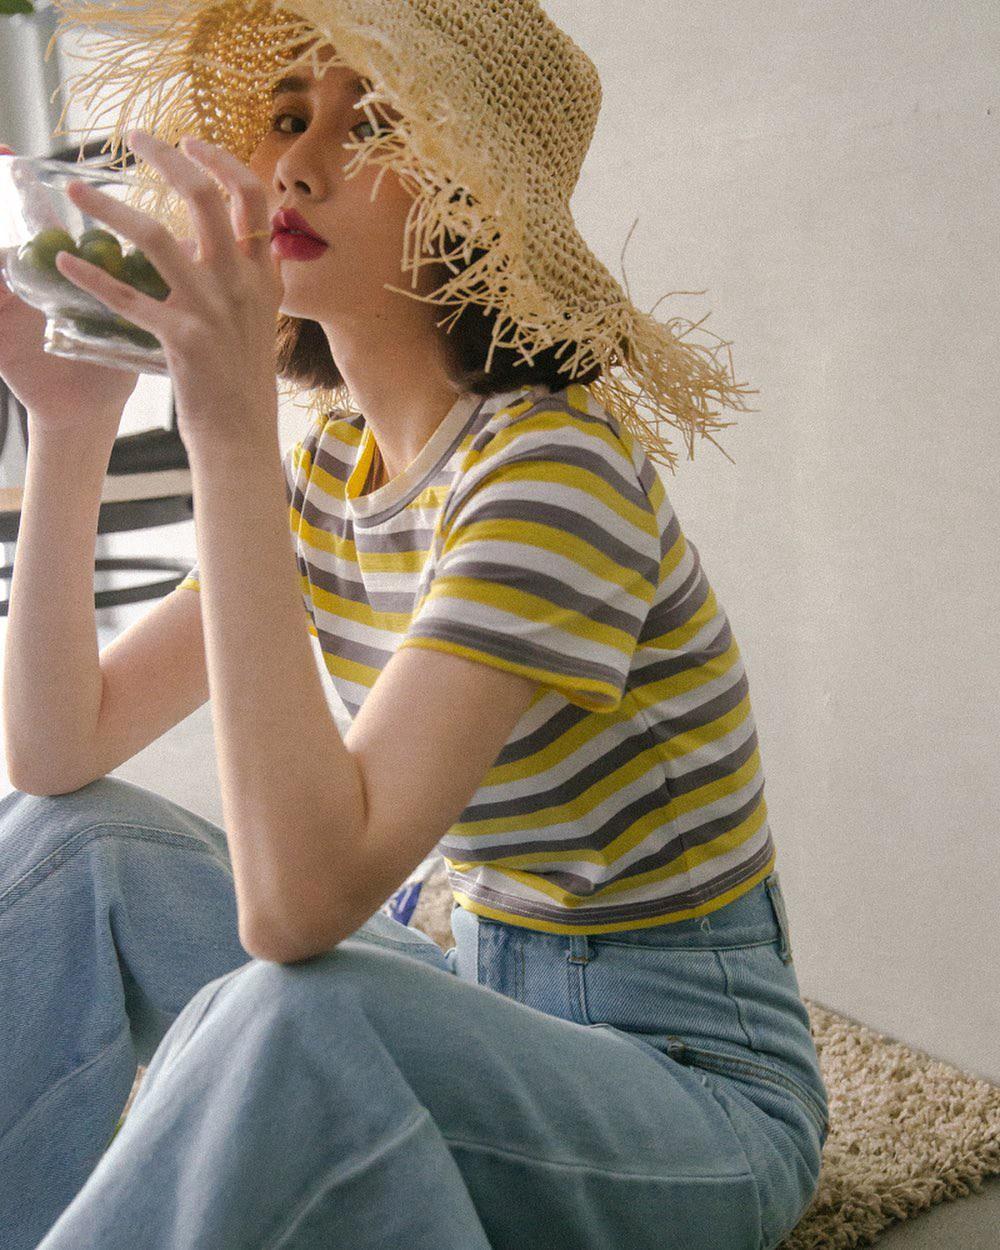 Bảo chứng cho vẻ sành điệu là combo áo phông – quần jeans với 15 ý tưởng diện mãi không biết chán này 10